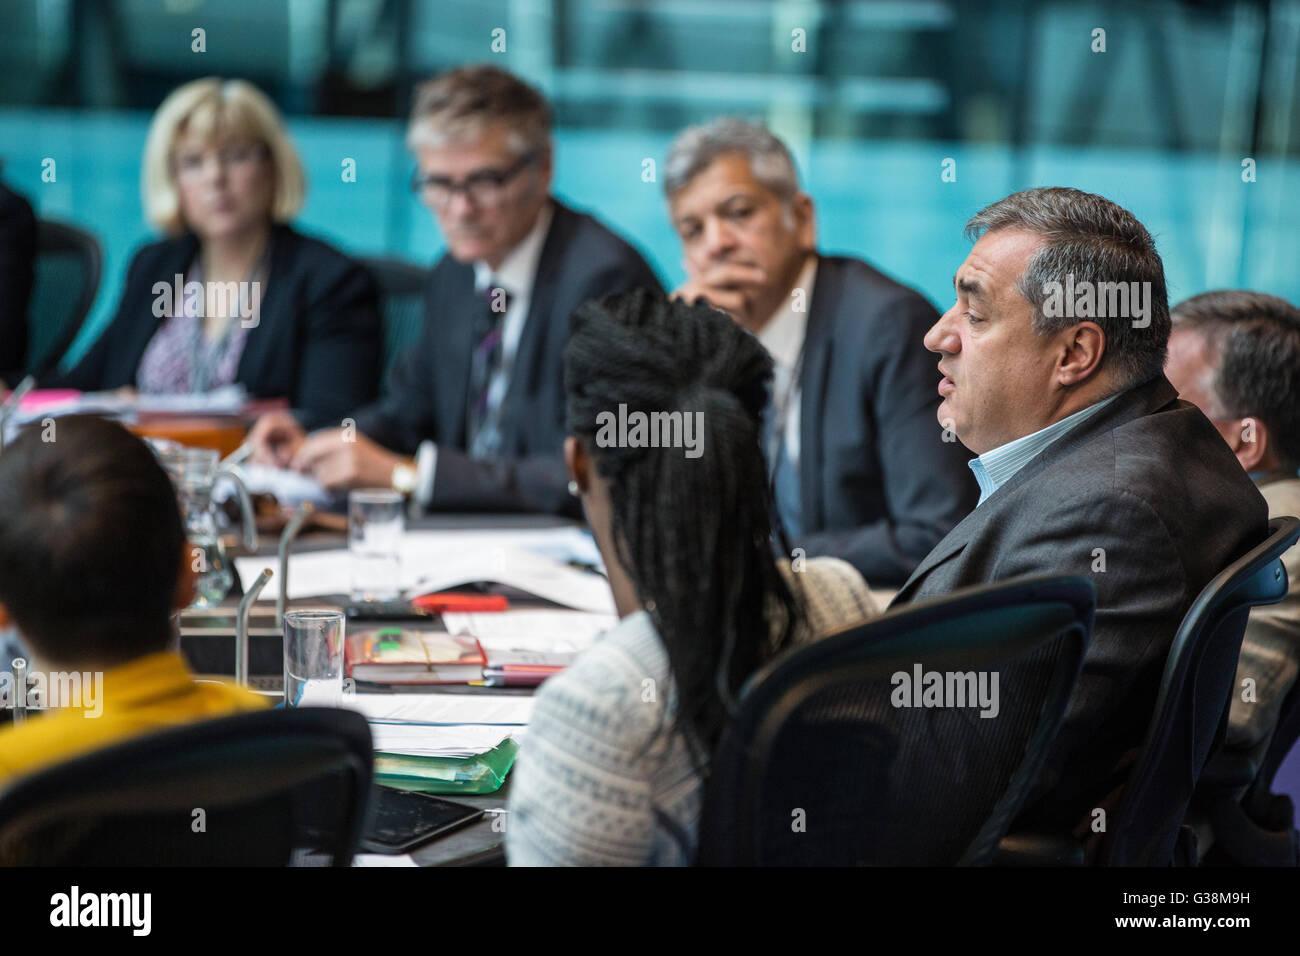 London, UK. 9th June, 2016. Labour London Assembly Member Len Duvall (r) asks Councillor Sophie Linden a question - Stock Image